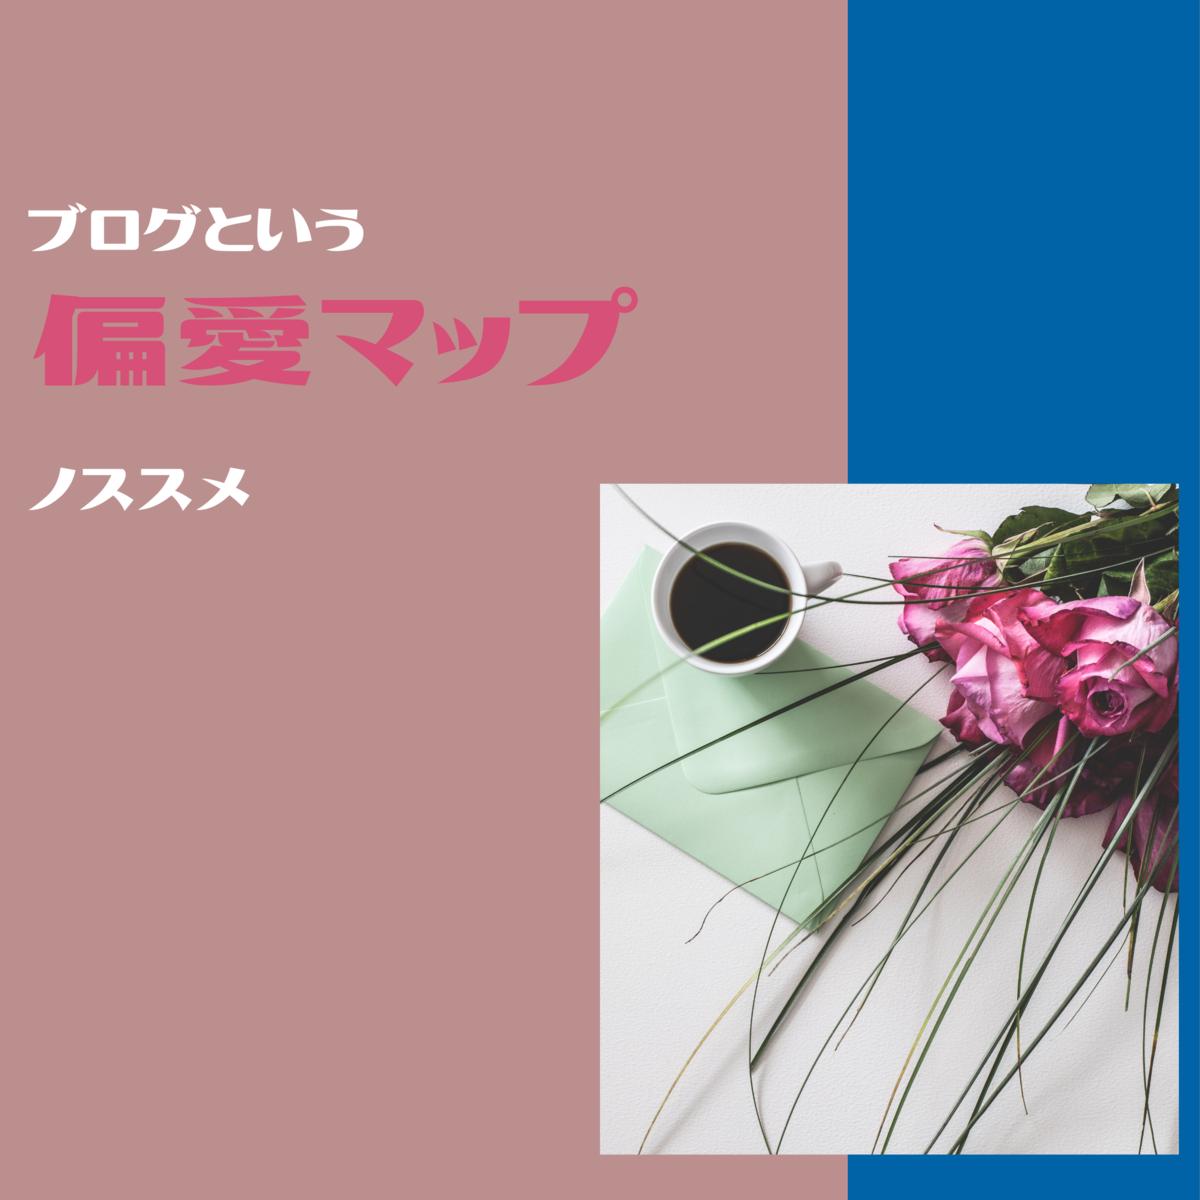 f:id:tsukino25:20200212112851p:plain